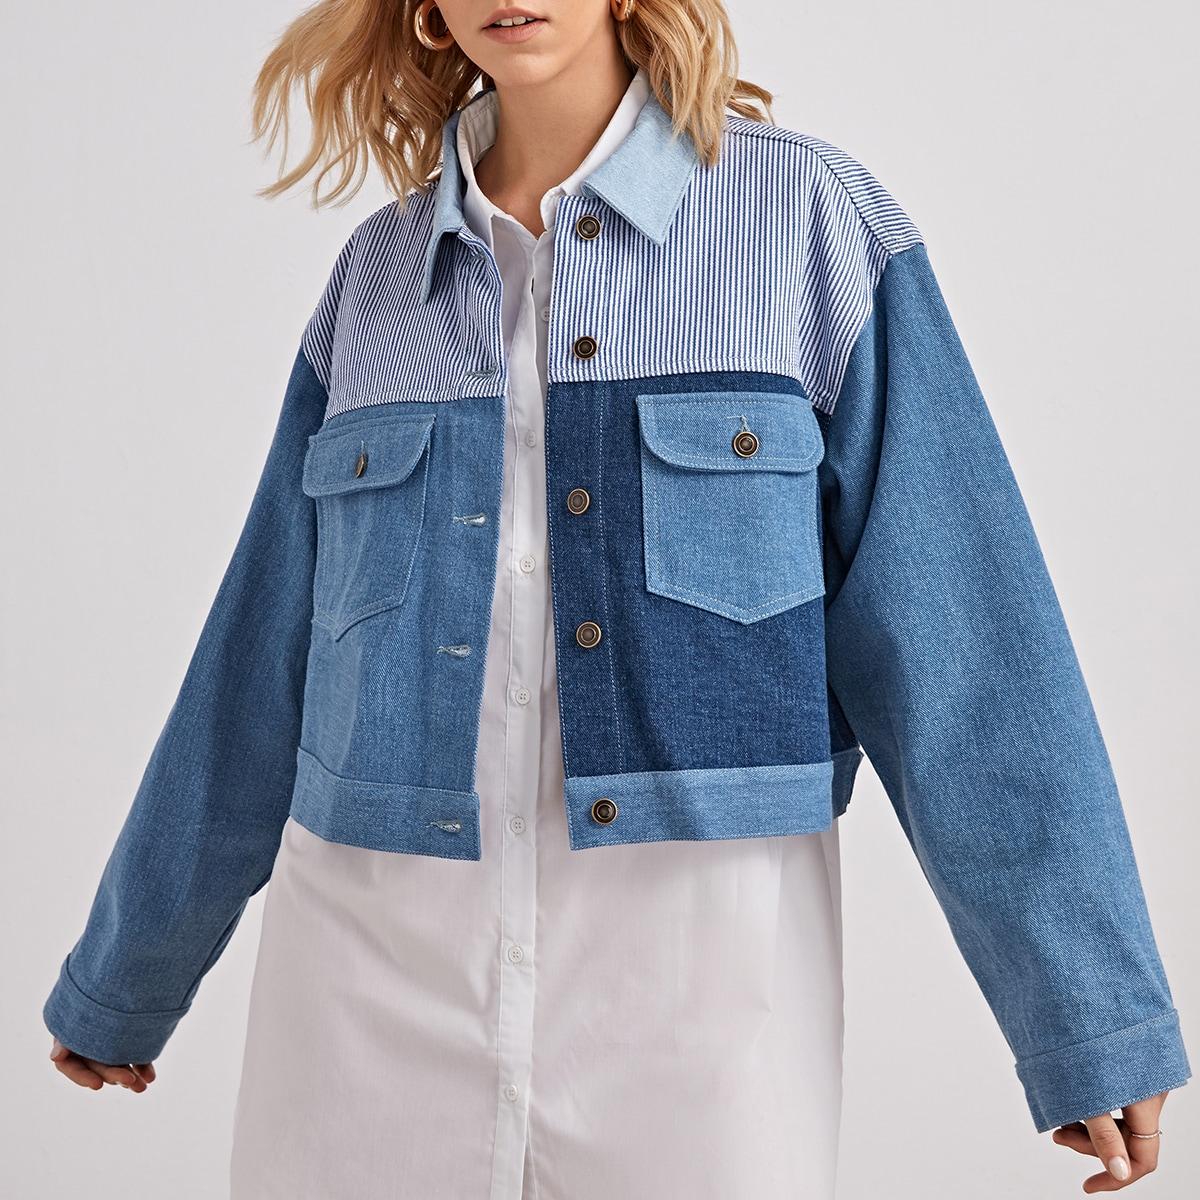 Джинсовая куртка в полоску с цветными блоками и карманами с клапанами